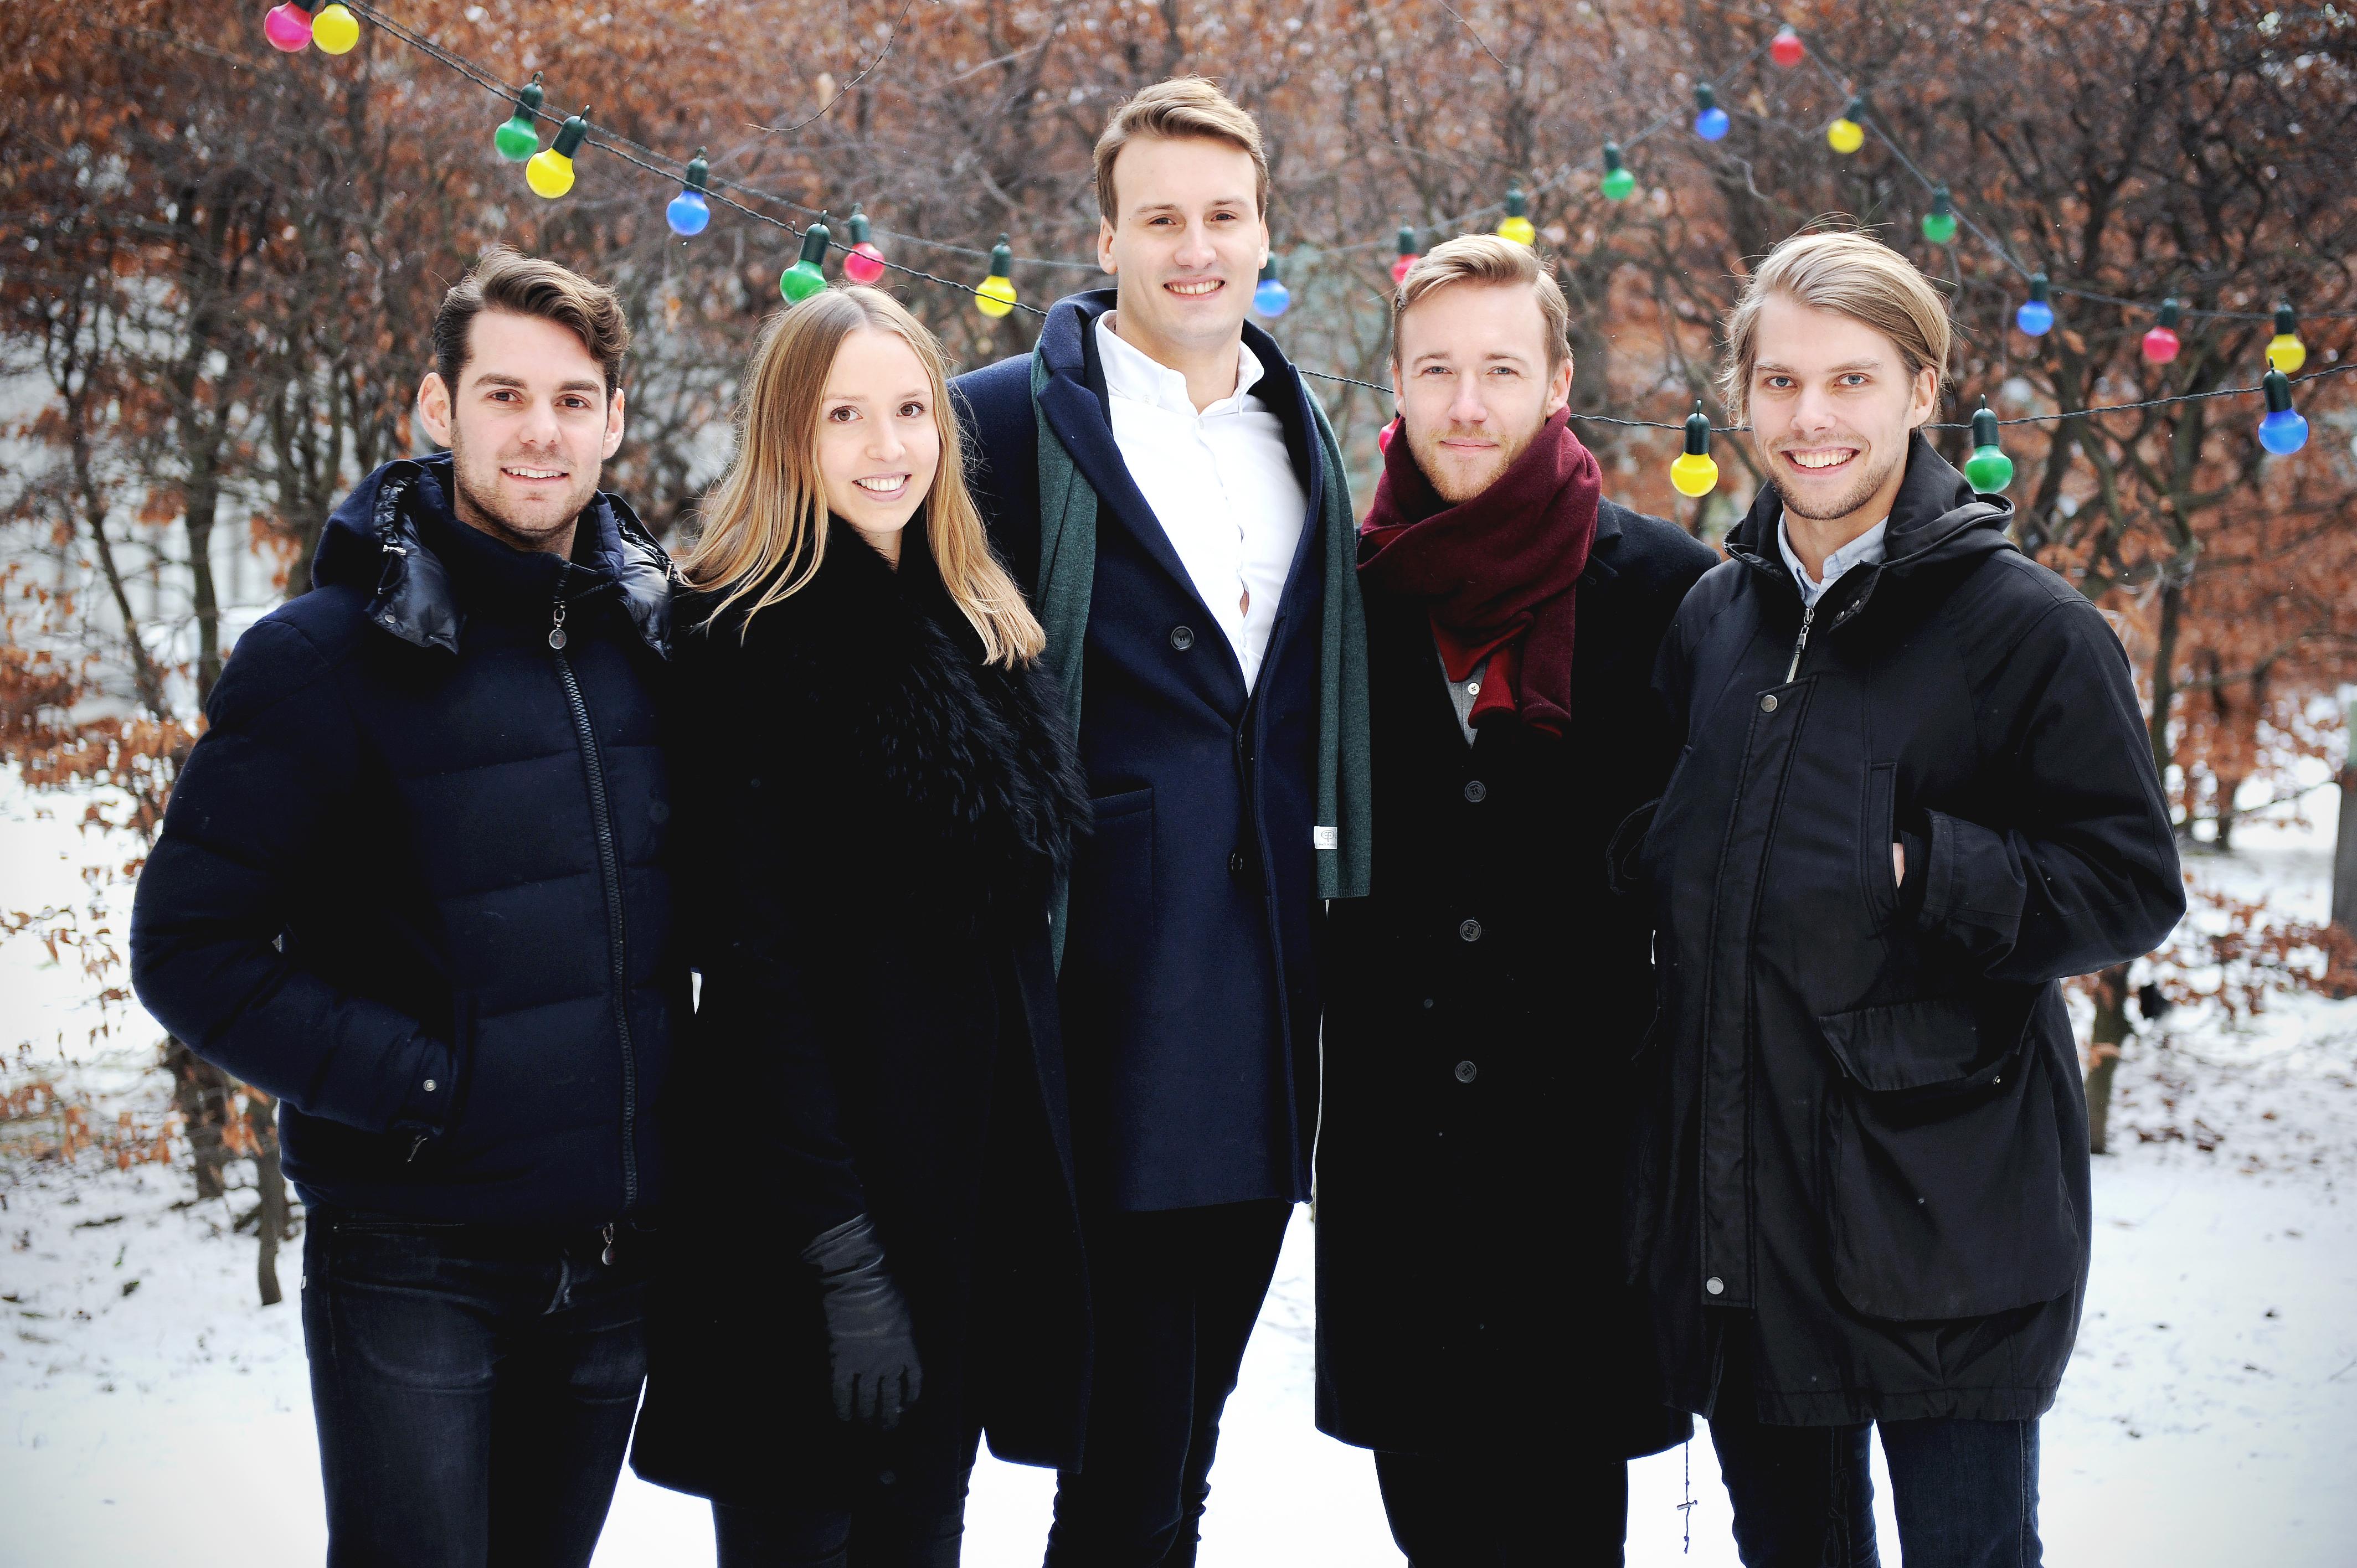 Beatly's grundare Andreas Eliasson, Isabelle Ljungkvist, Viktor Strömberg, Jonas Arnklint och Alexander Gradin